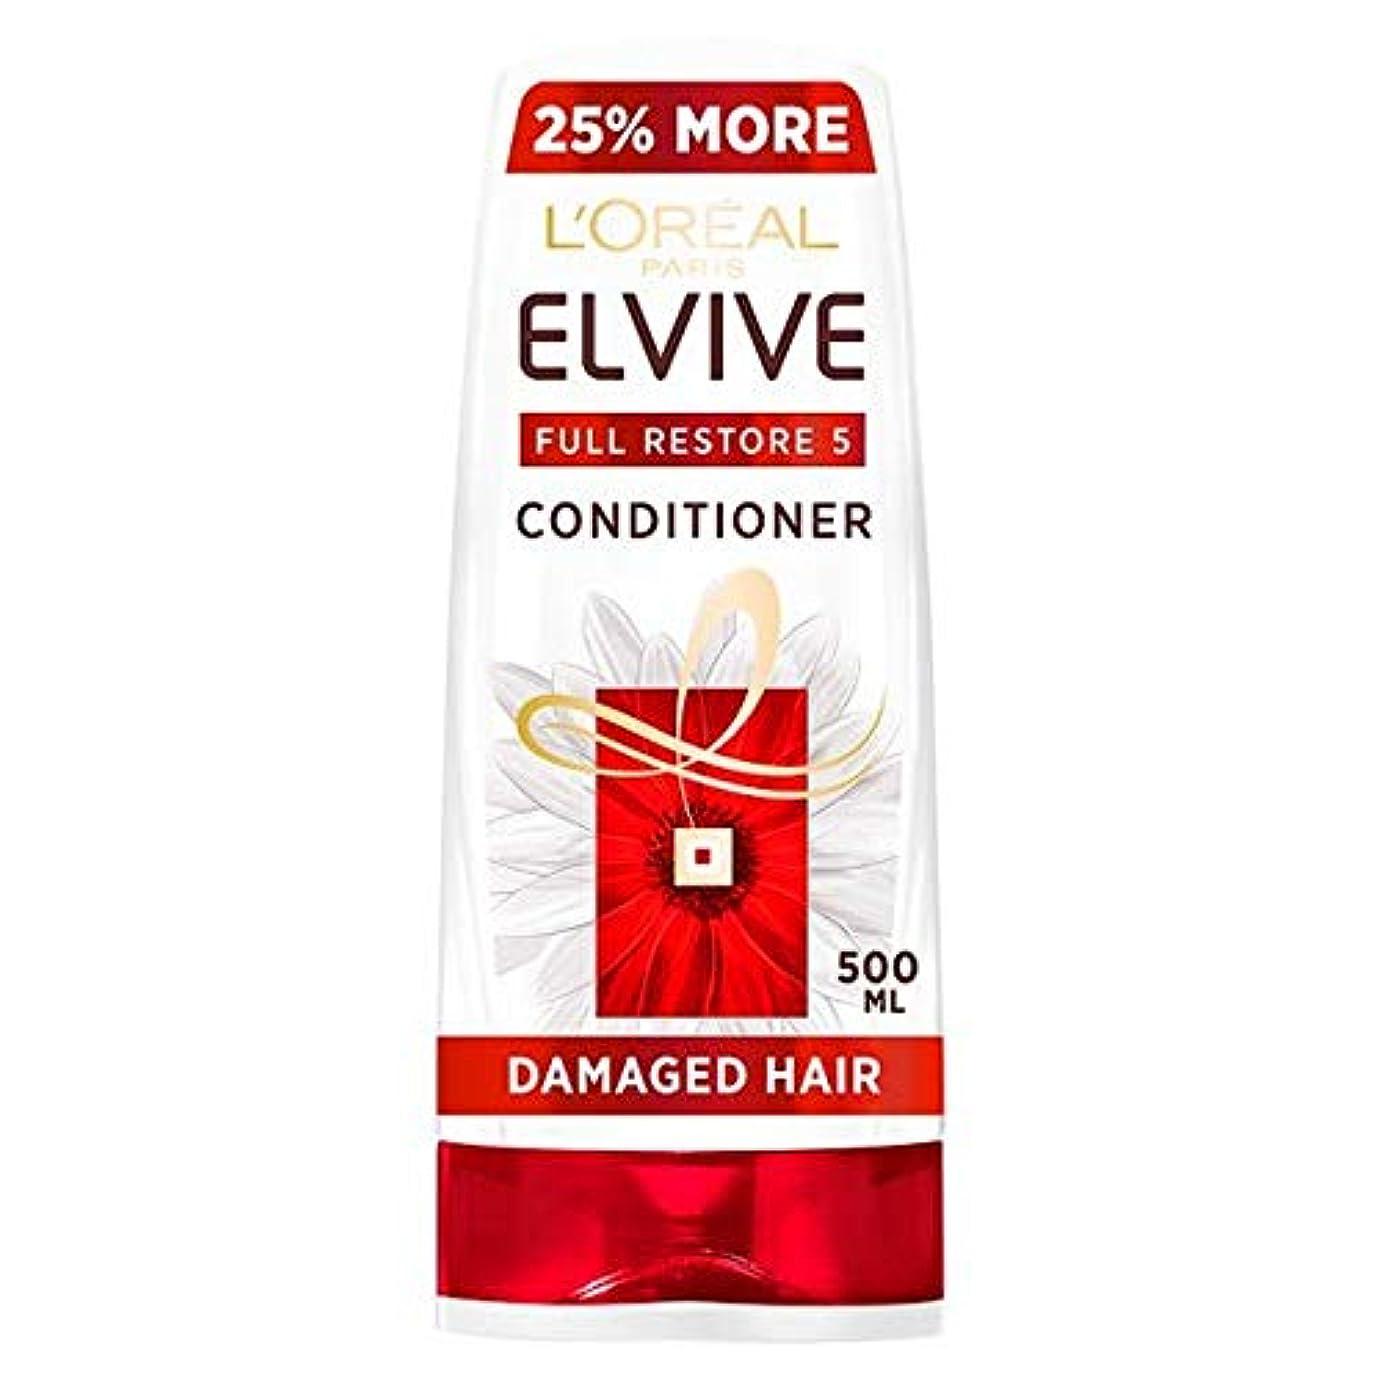 作成するスプリット東方[Elvive] ロレアルElvive極度のダメージヘアコンディショナー500ミリリットル - L'oreal Elvive Extreme Damaged Hair Conditioner 500Ml [並行輸入品]